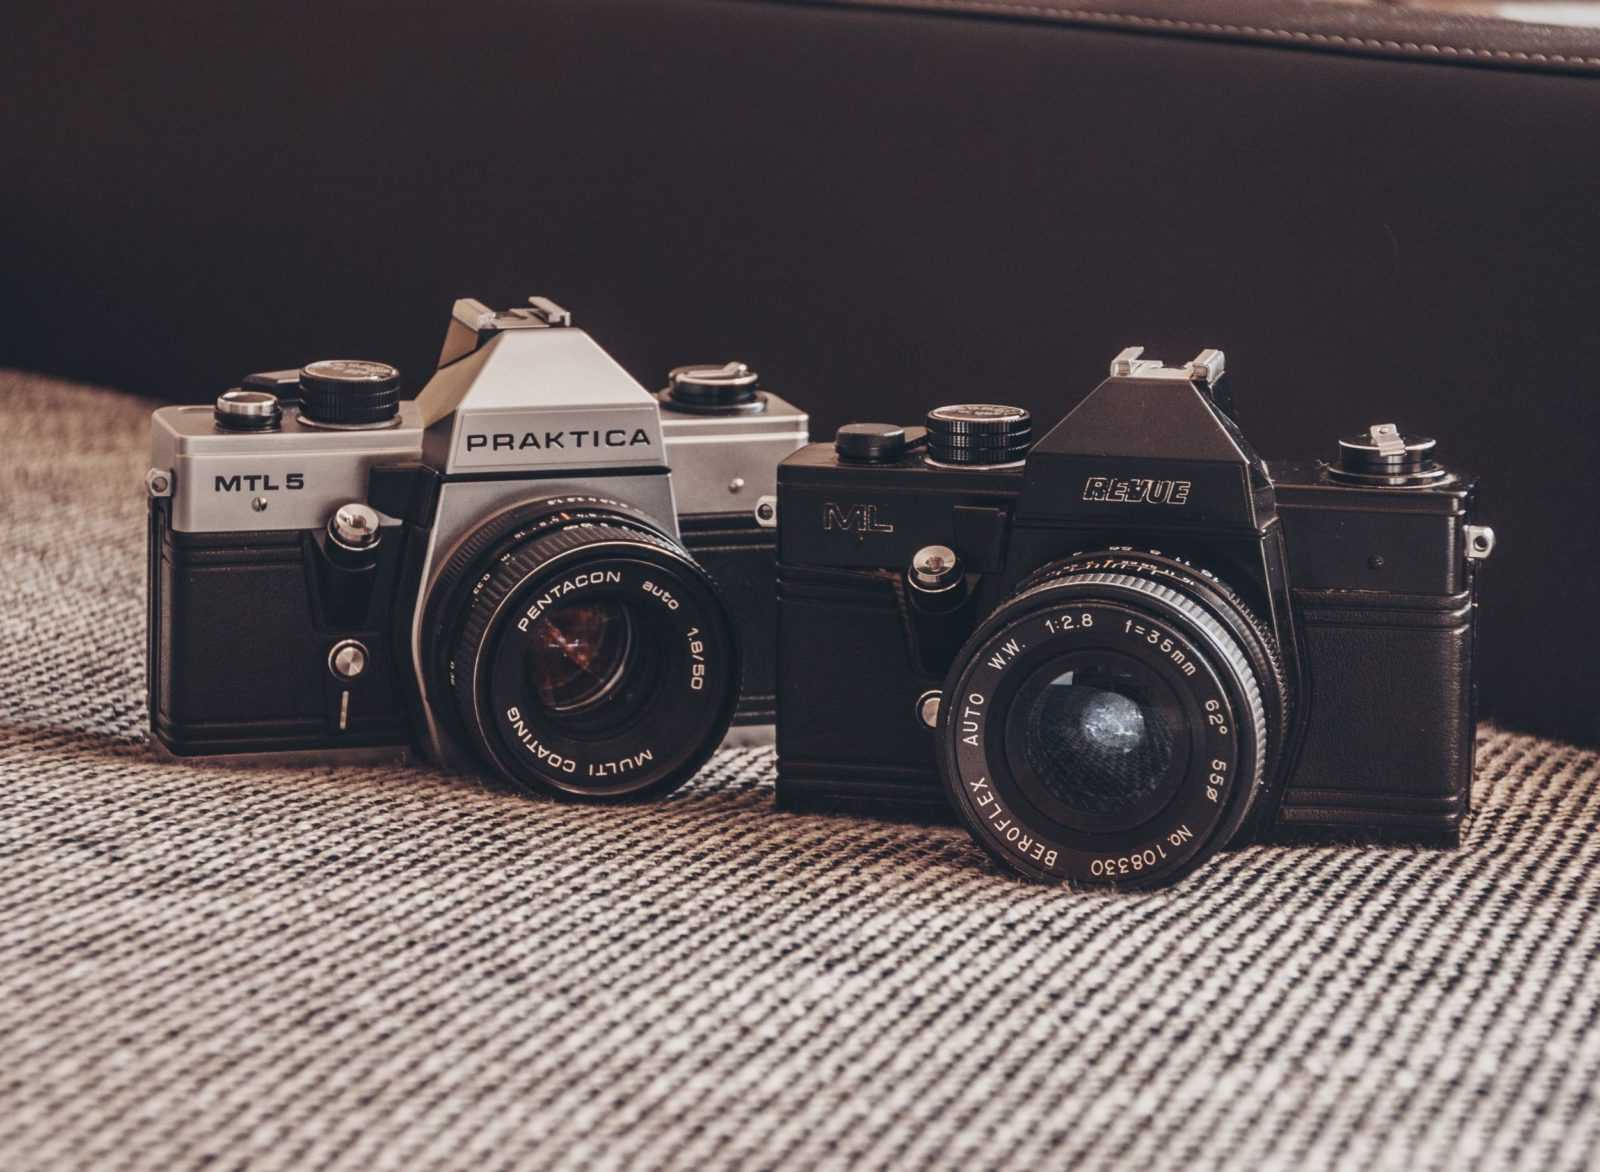 Praktica-Kameras